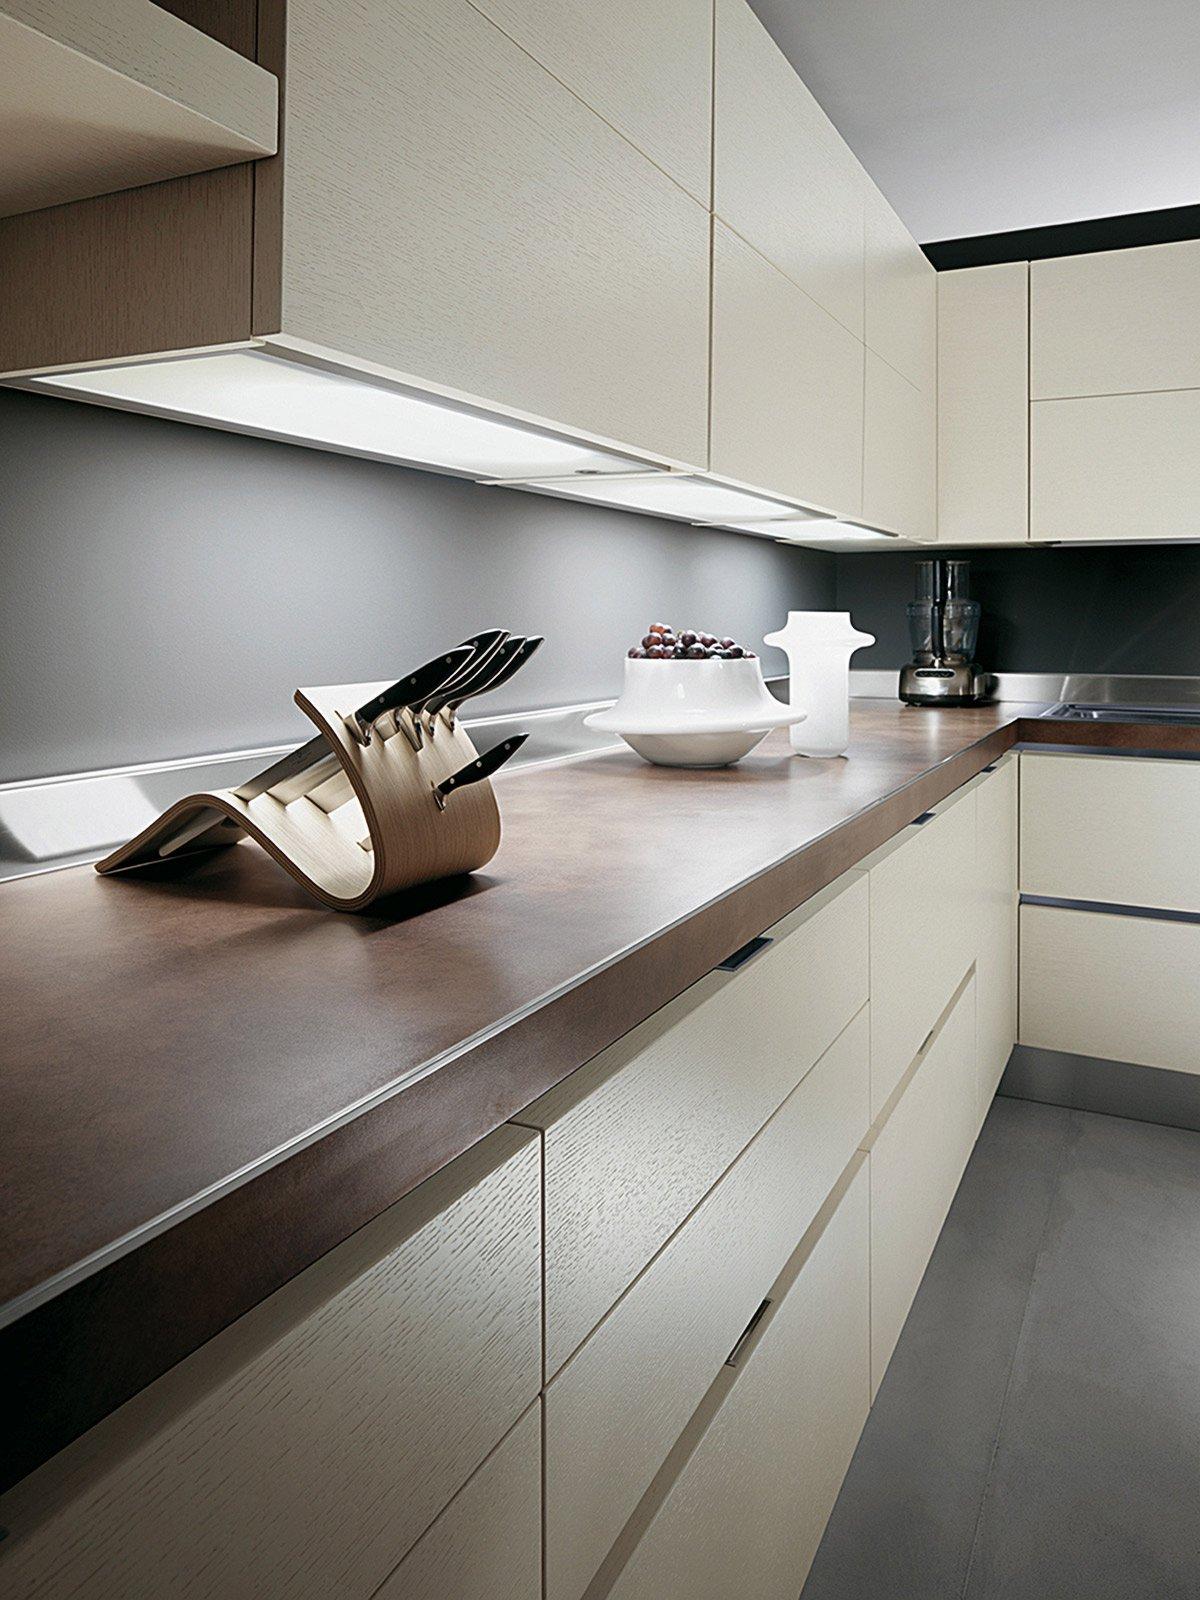 Cucina tante soluzioni per illuminarla cose di casa - Illuminazione sottopensile cucina ...